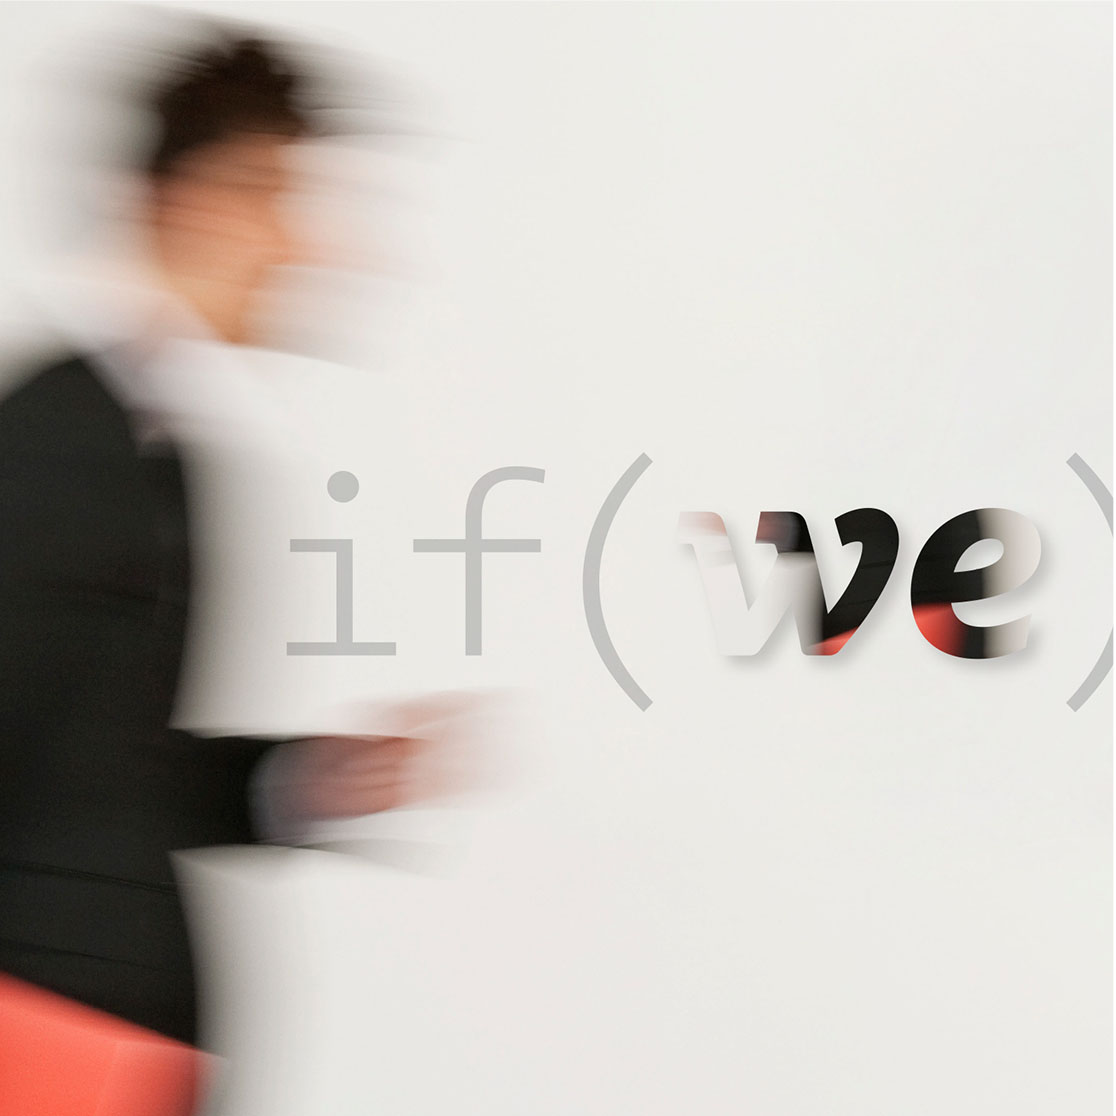 ifwe-2.jpg